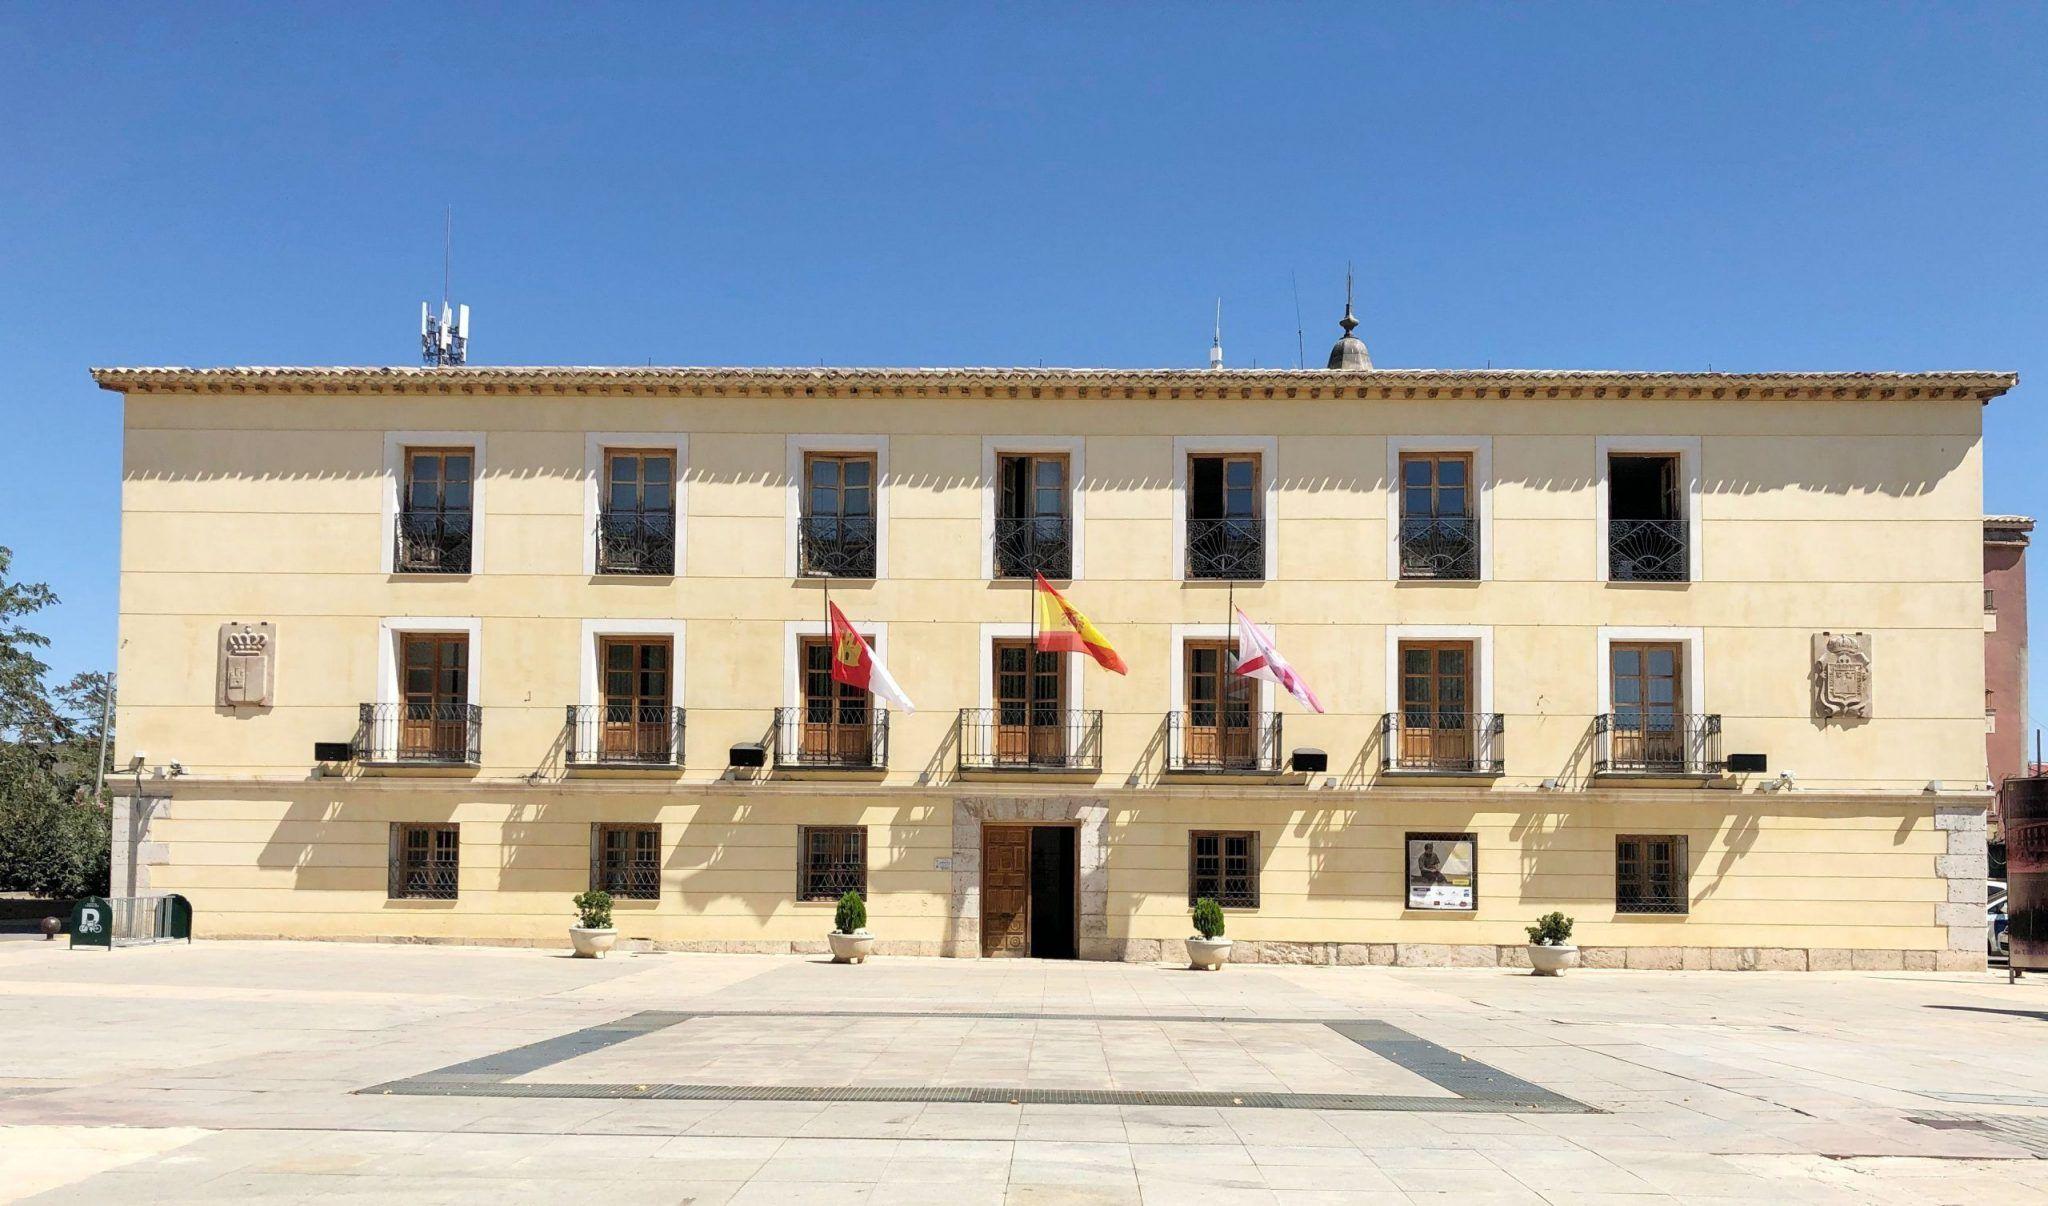 Las banderas del Ayuntamiento de Tarancón ondearán a media asta desde hoy en señal de duelo por los taranconeros fallecidos